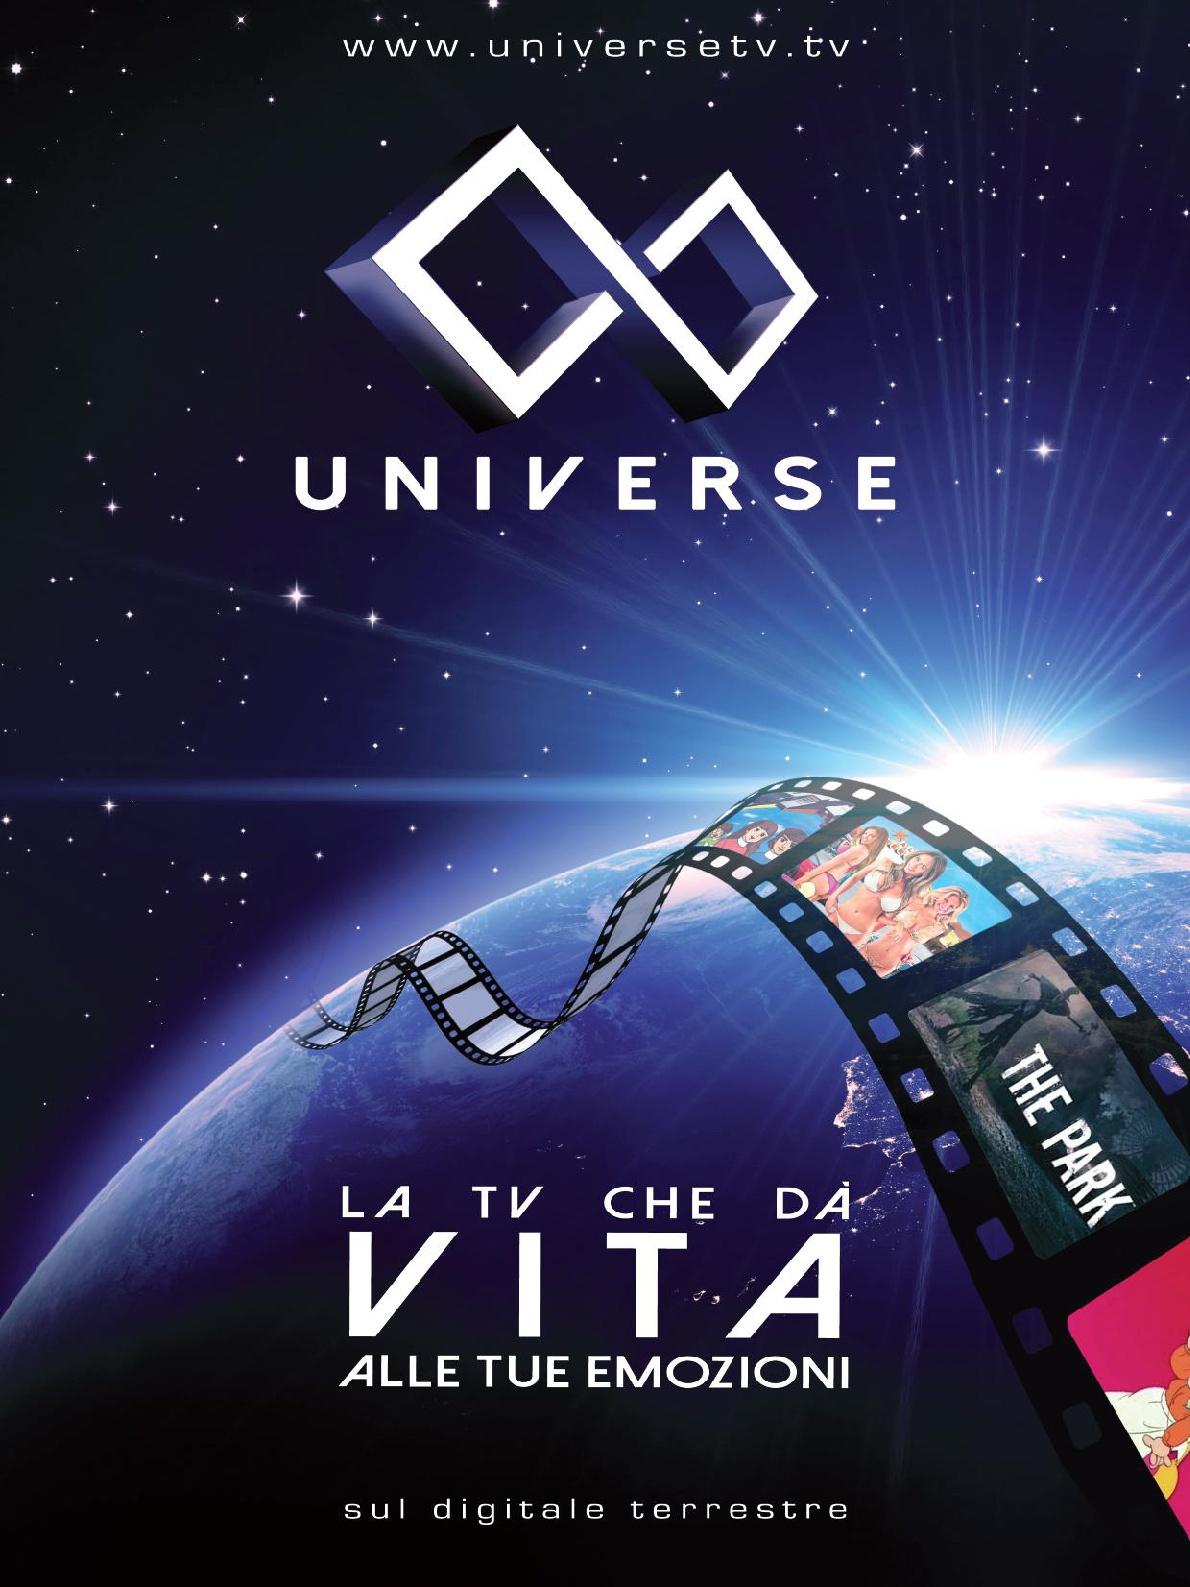 universe tv - DTT. Parte Universe, nuovo circuito tv generalista che rispolvera il concetto di syndication adeguandolo alla tv 4.0